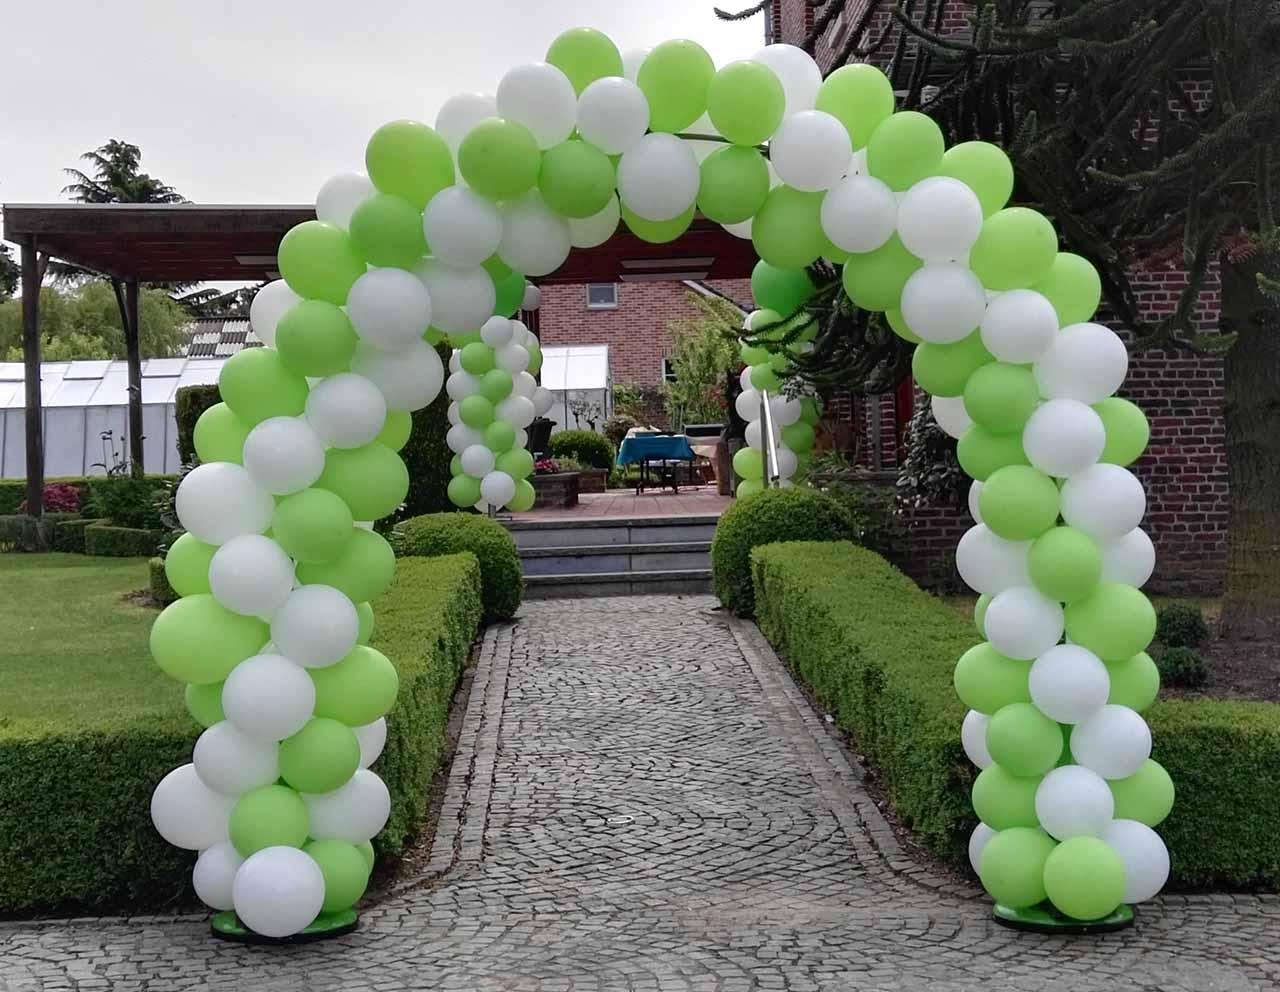 Arches de ballons - Décoration Ballons et diverses pour vos festivités en Hautes Pyrénées (65),Gers (32), Landes (40) et Pyrénées-Atlantiques (64)